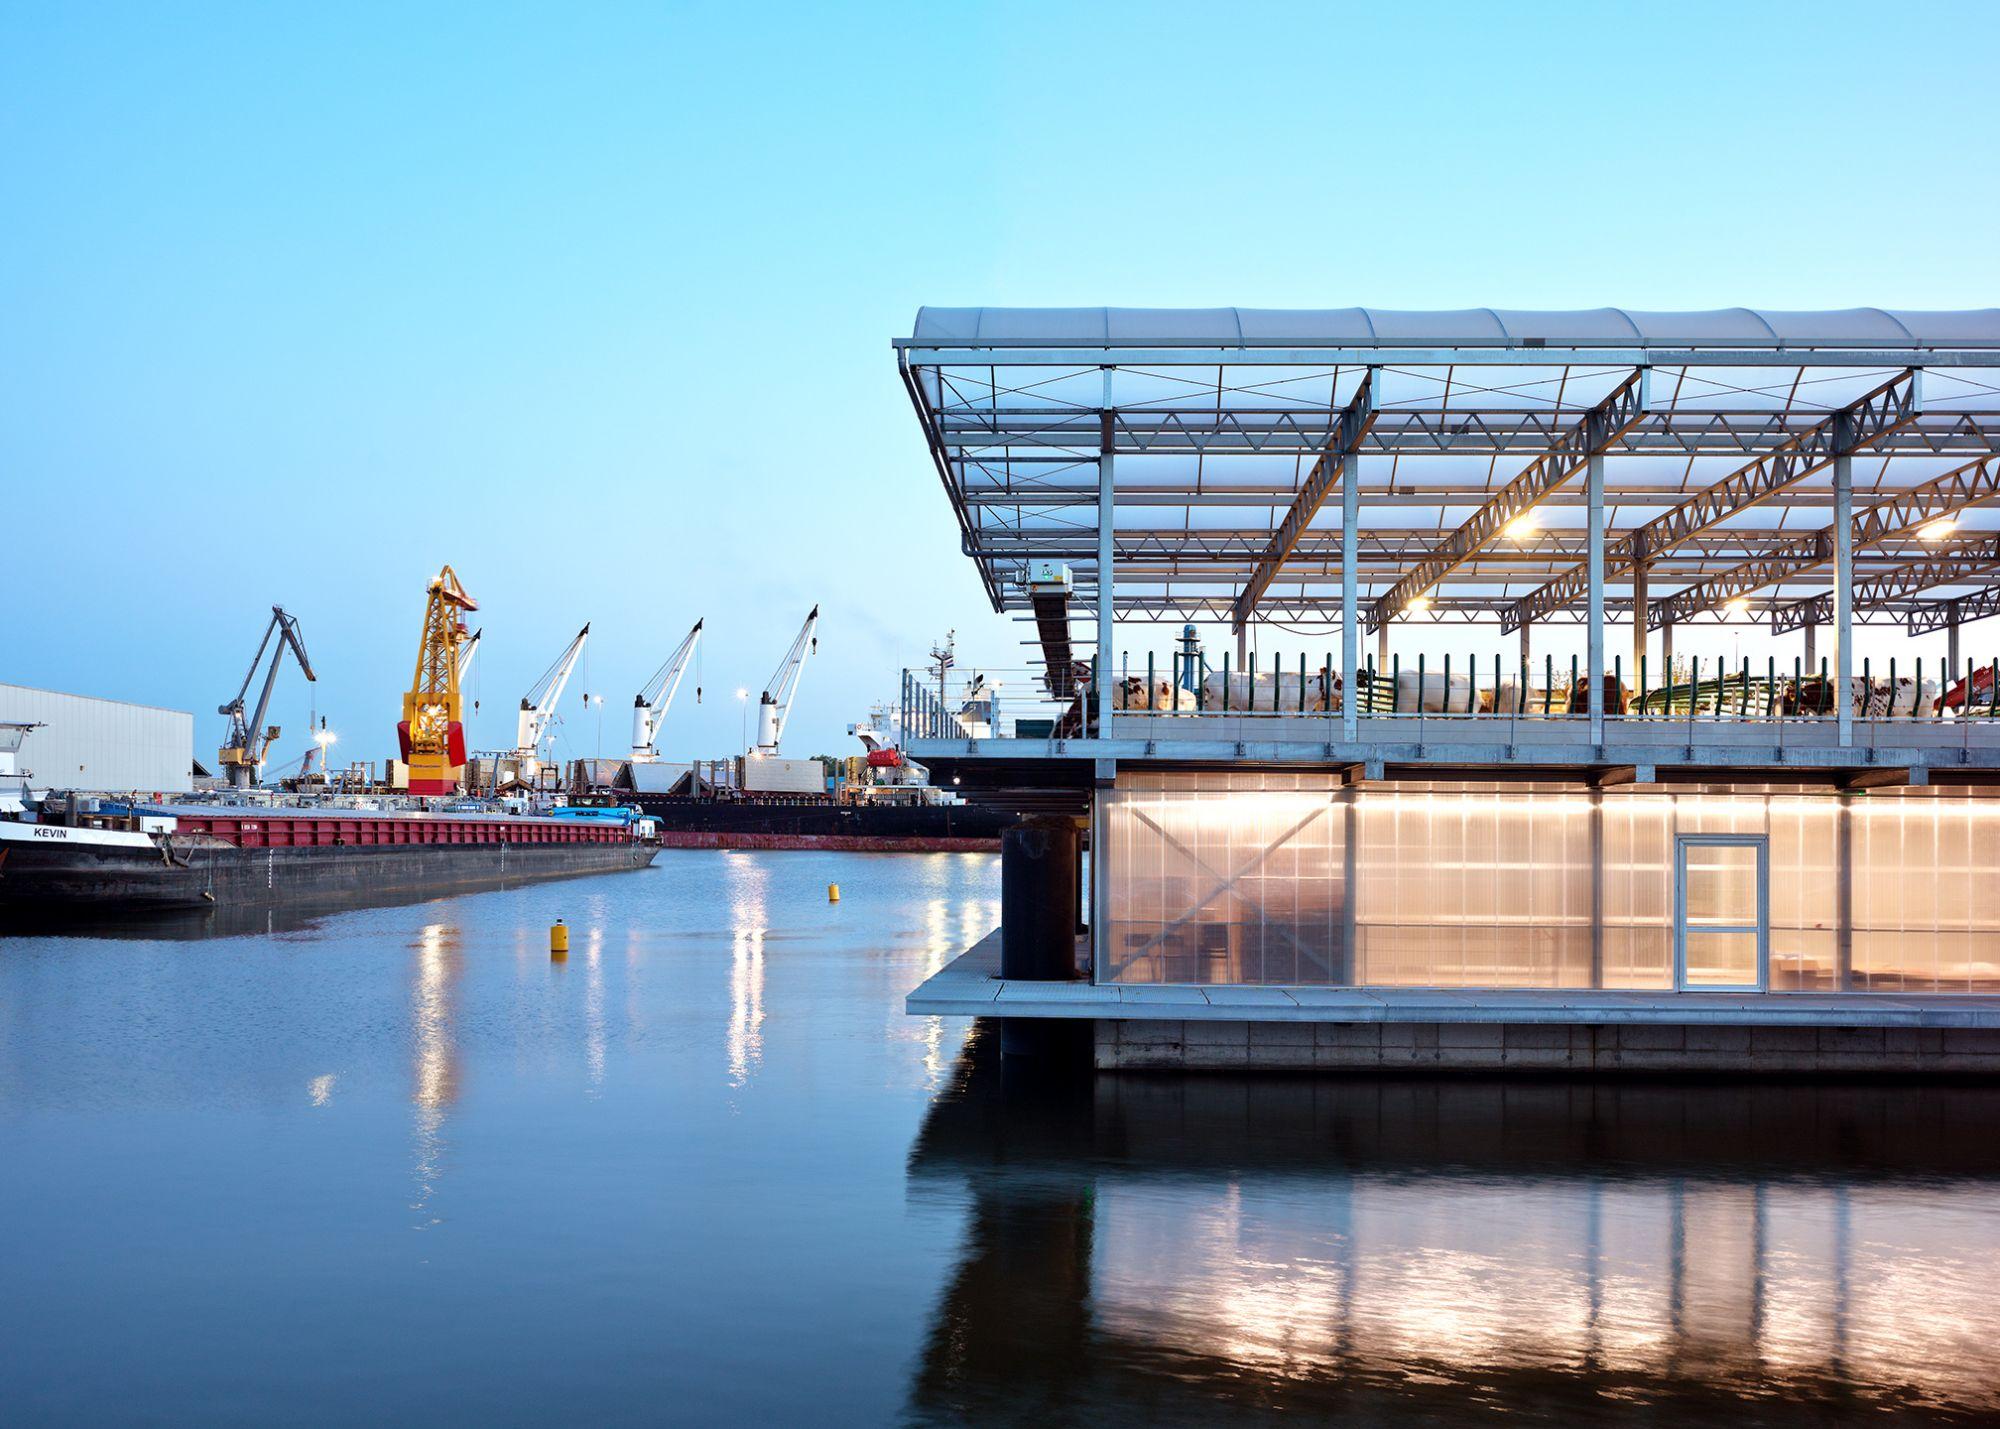 全球首座「漂浮農場」在這裡!跟歐洲人學習都市規劃新思維:縮短城市糧食供應鏈進而改變港口經濟